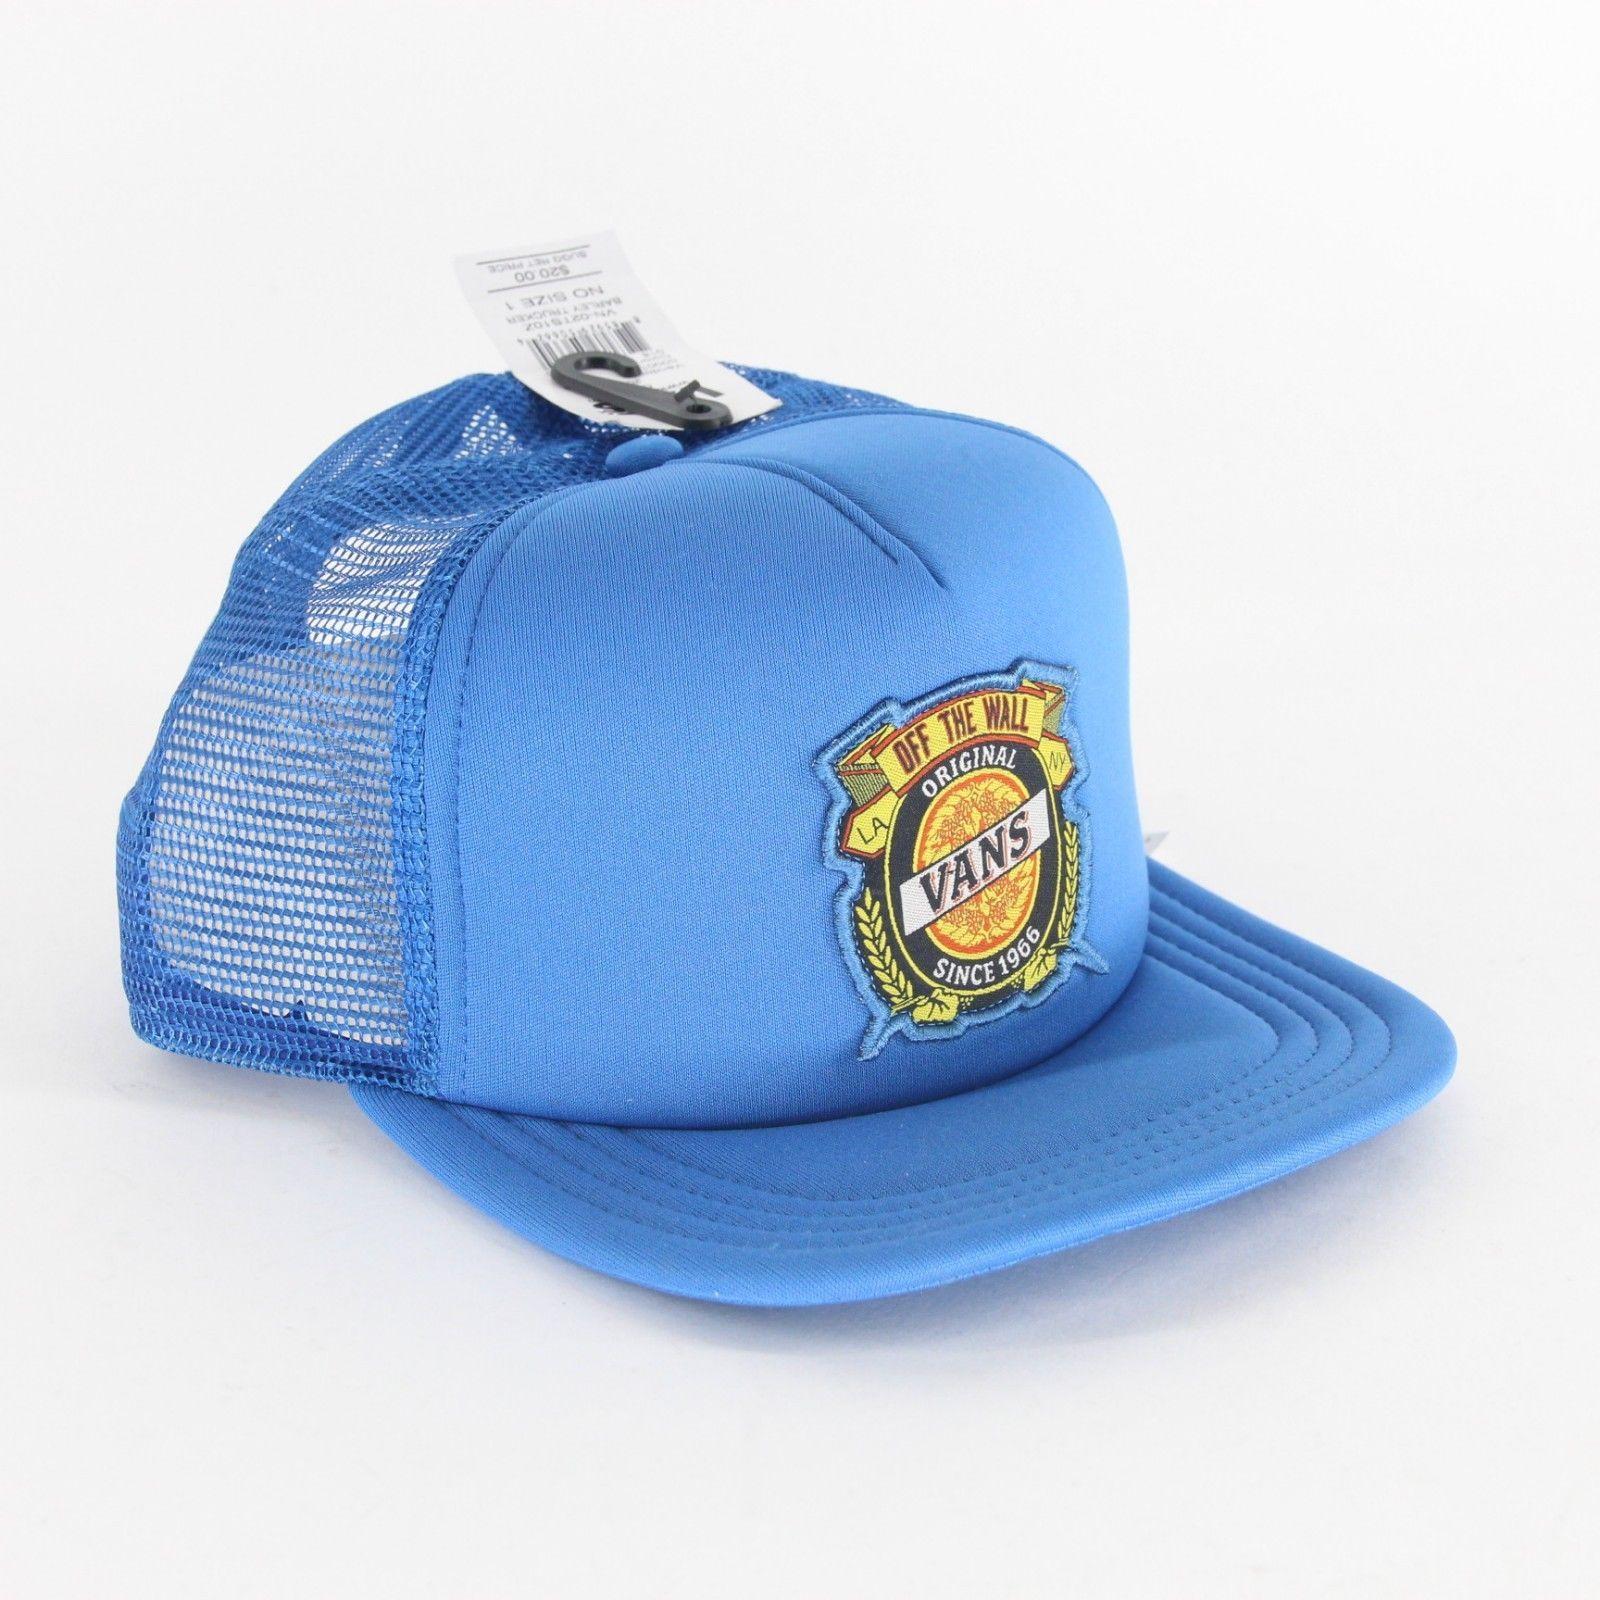 e07673300e8ec2 S l1600. S l1600. Previous. Vans Off The Wall Barley Trucker Blue Mesh  Adjustable Snapback Hat Cap